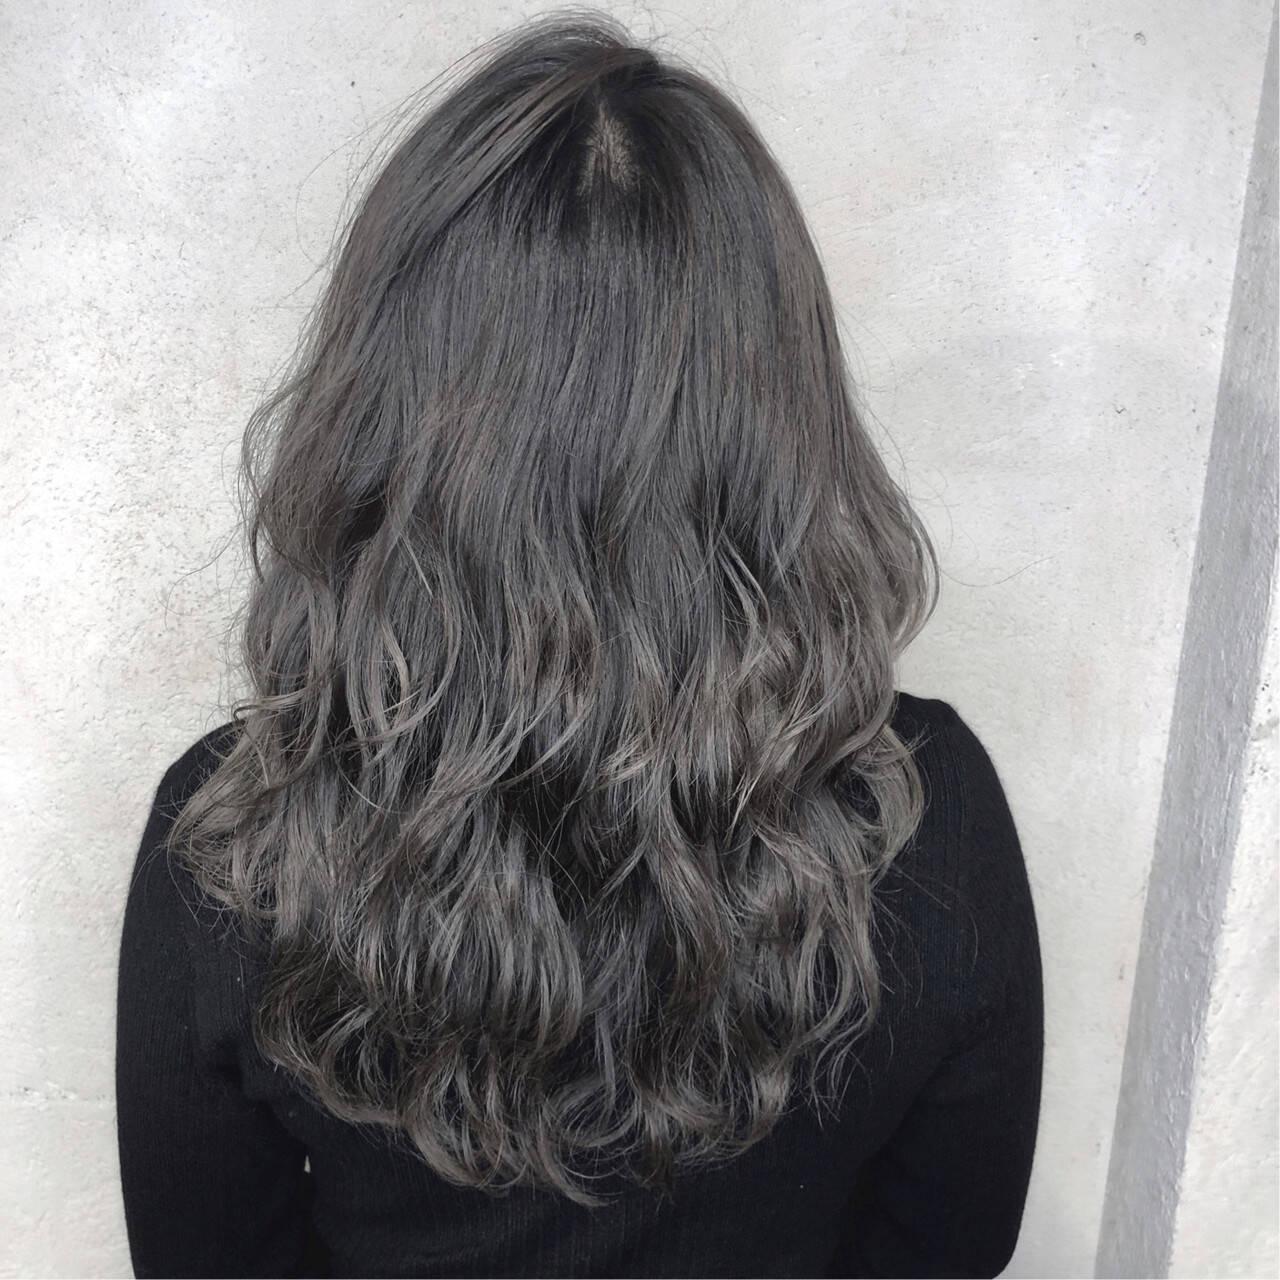 グレージュ ナチュラル アッシュ 透明感カラーヘアスタイルや髪型の写真・画像